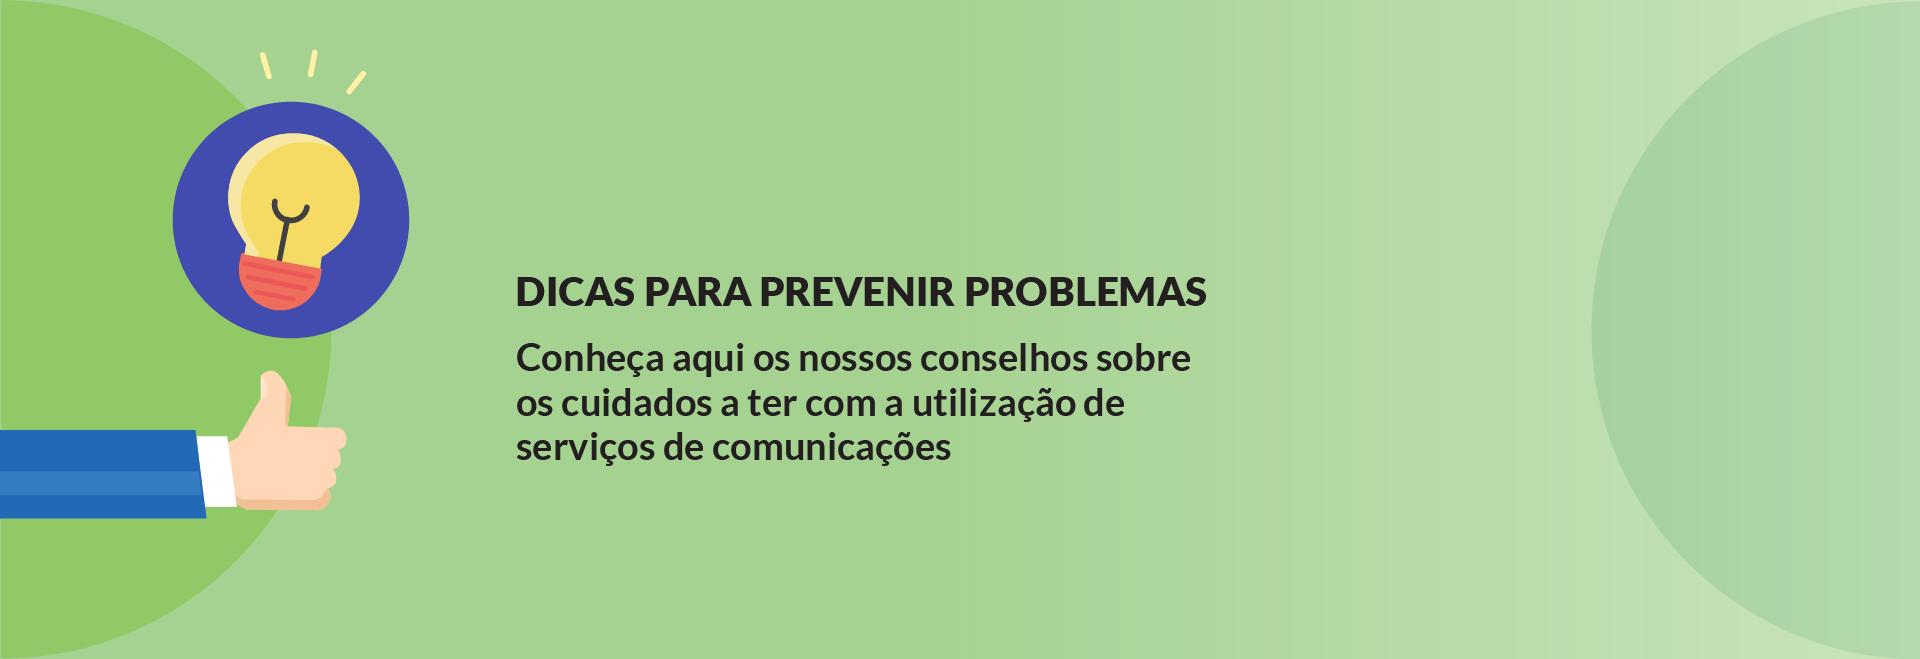 Dicas para prevenir problemas